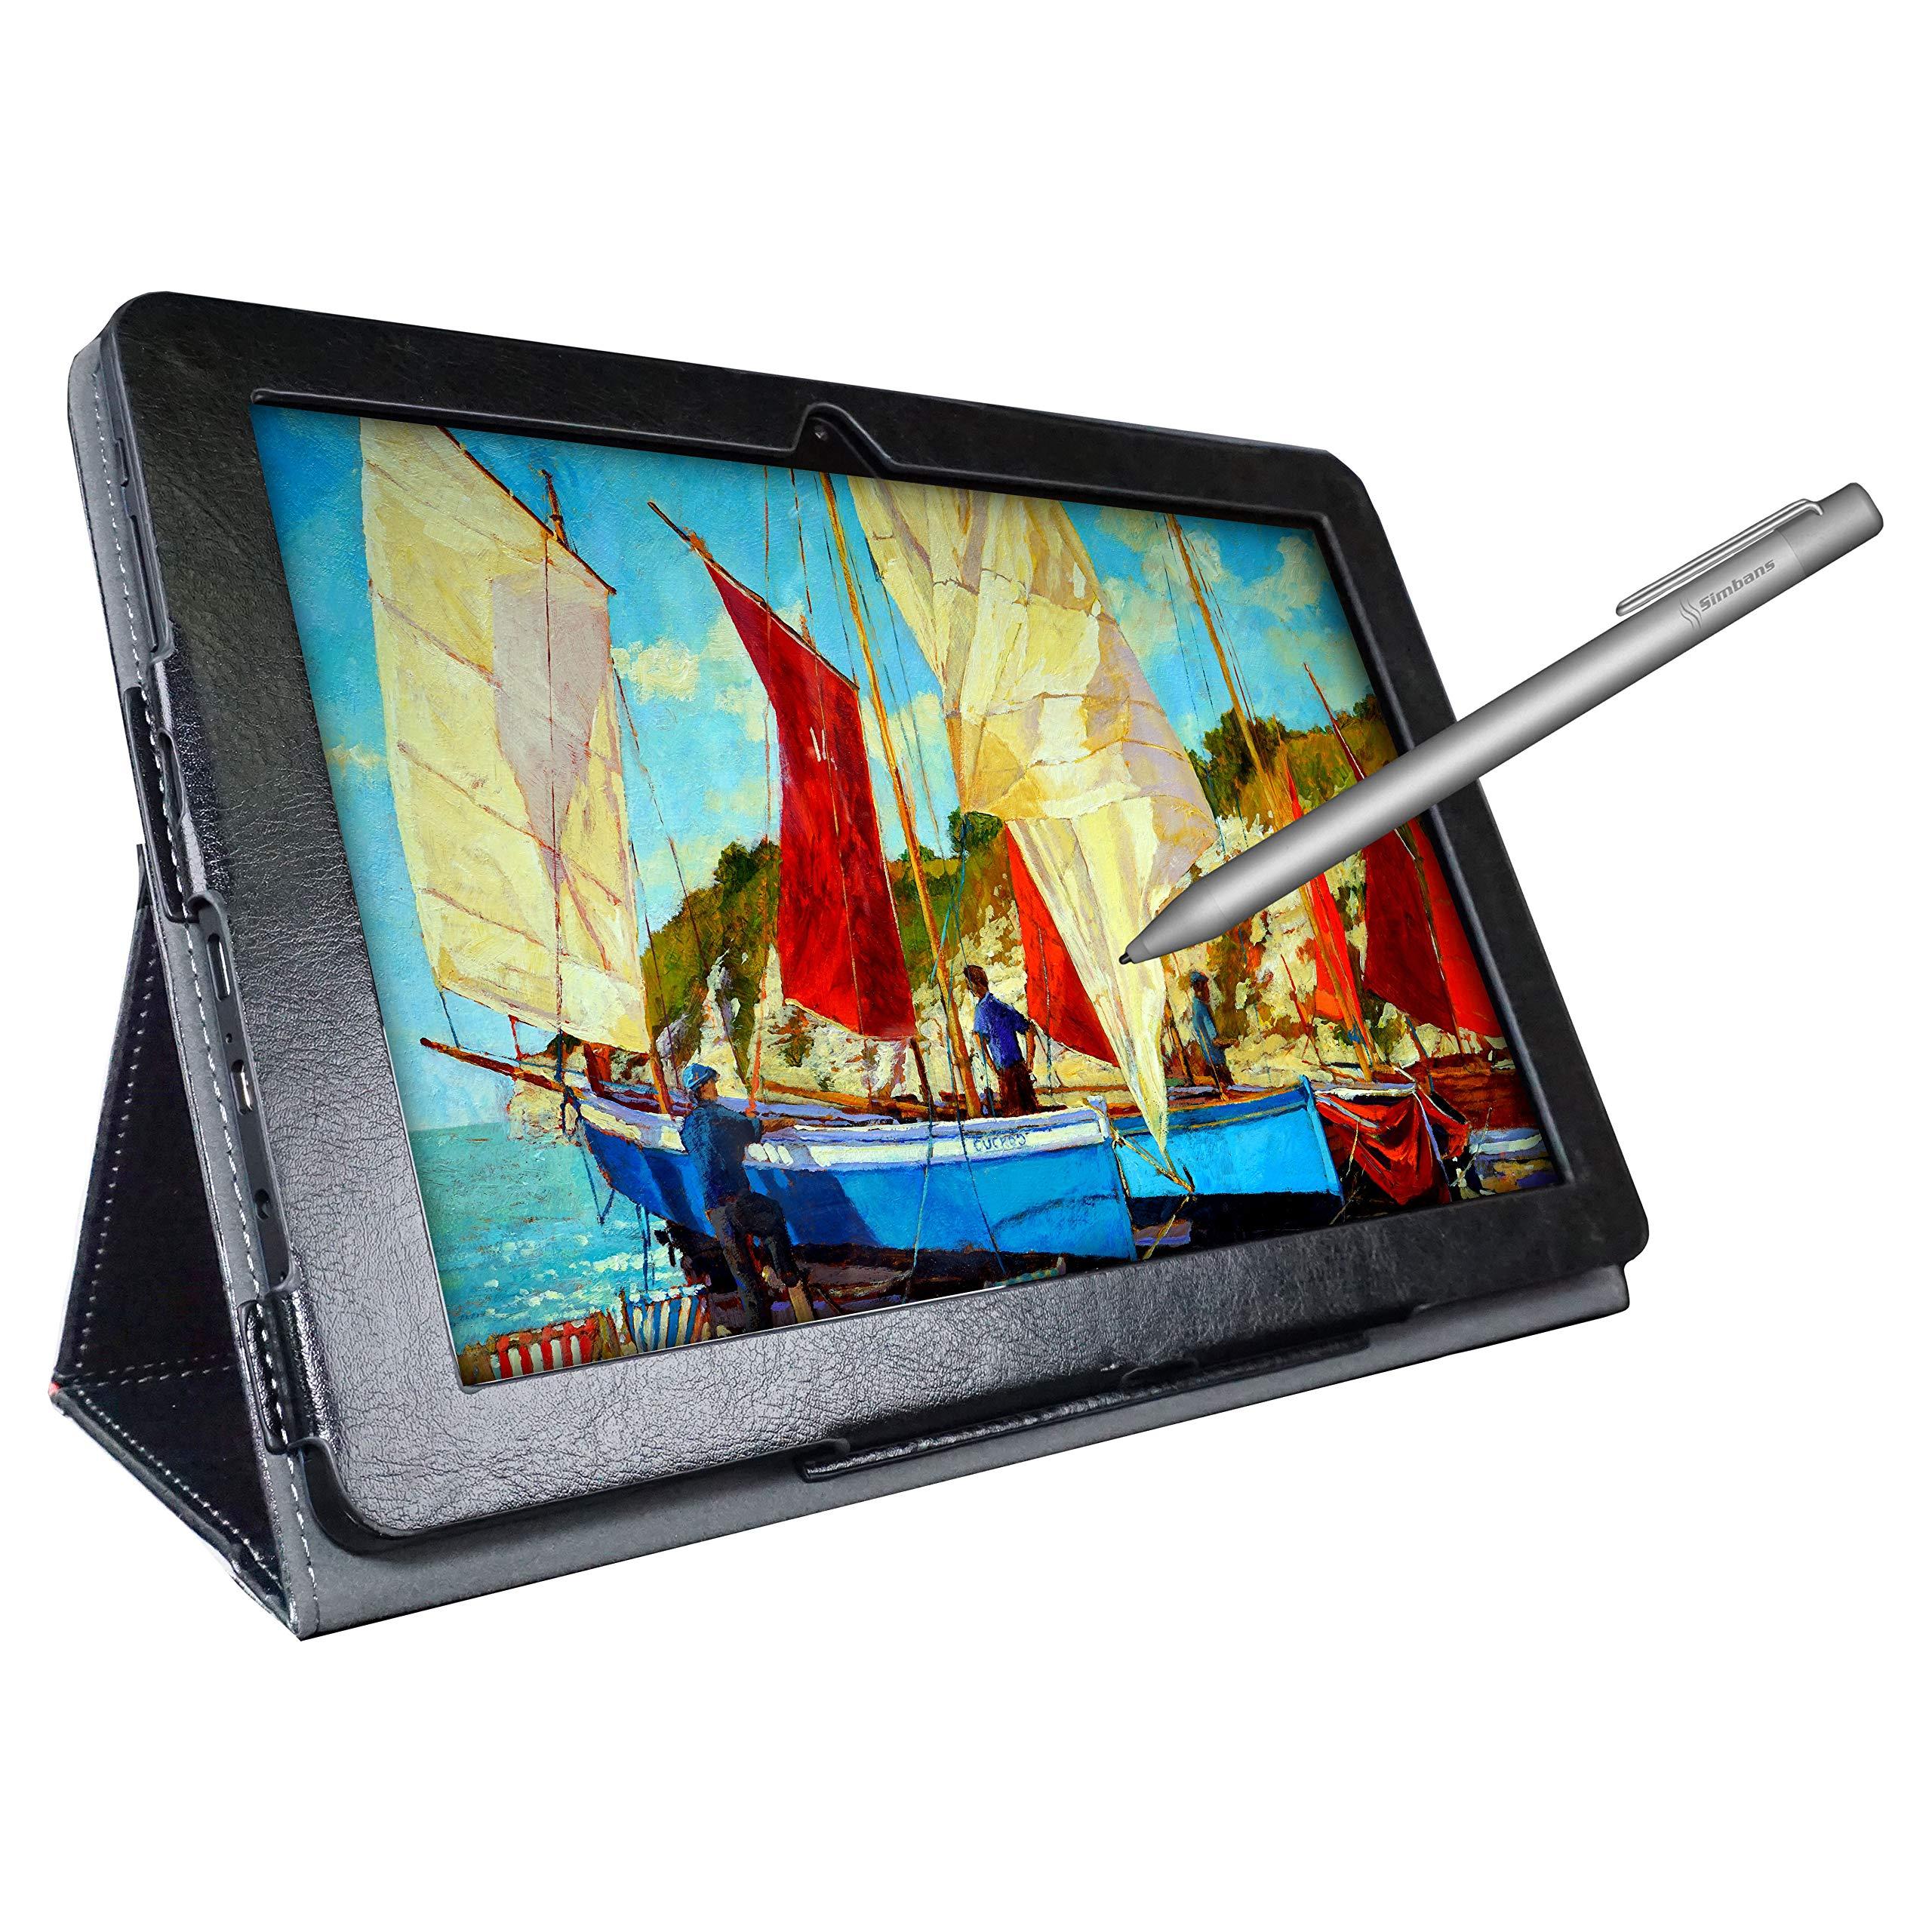 Simbans [4 artículos de bonificación] PicassoTab Tableta de Dibujo de 10 Pulgadas y lápiz óptico, 2GB, 32GB, Android 9 Pie, Principiantes, Artista gráfico, niño, niña - P92: Amazon.es: Informática